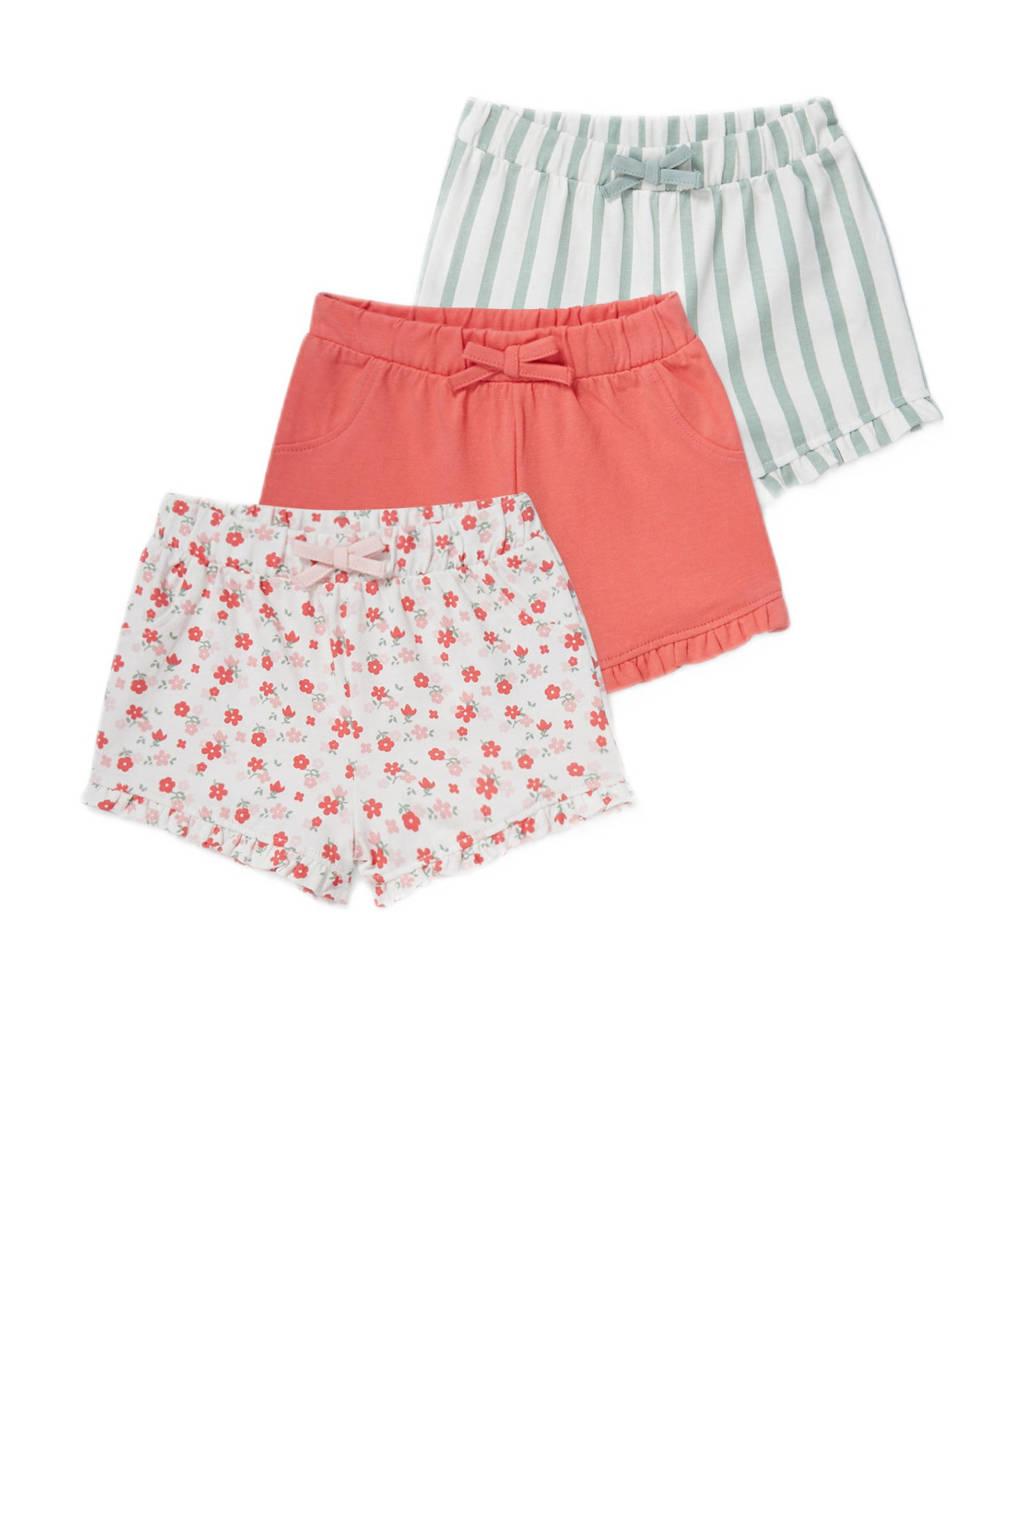 C&A Baby Club korte broek - set van 3 roze/koraalrood/groen/wit, Rroze/koraalrood/groen/wit